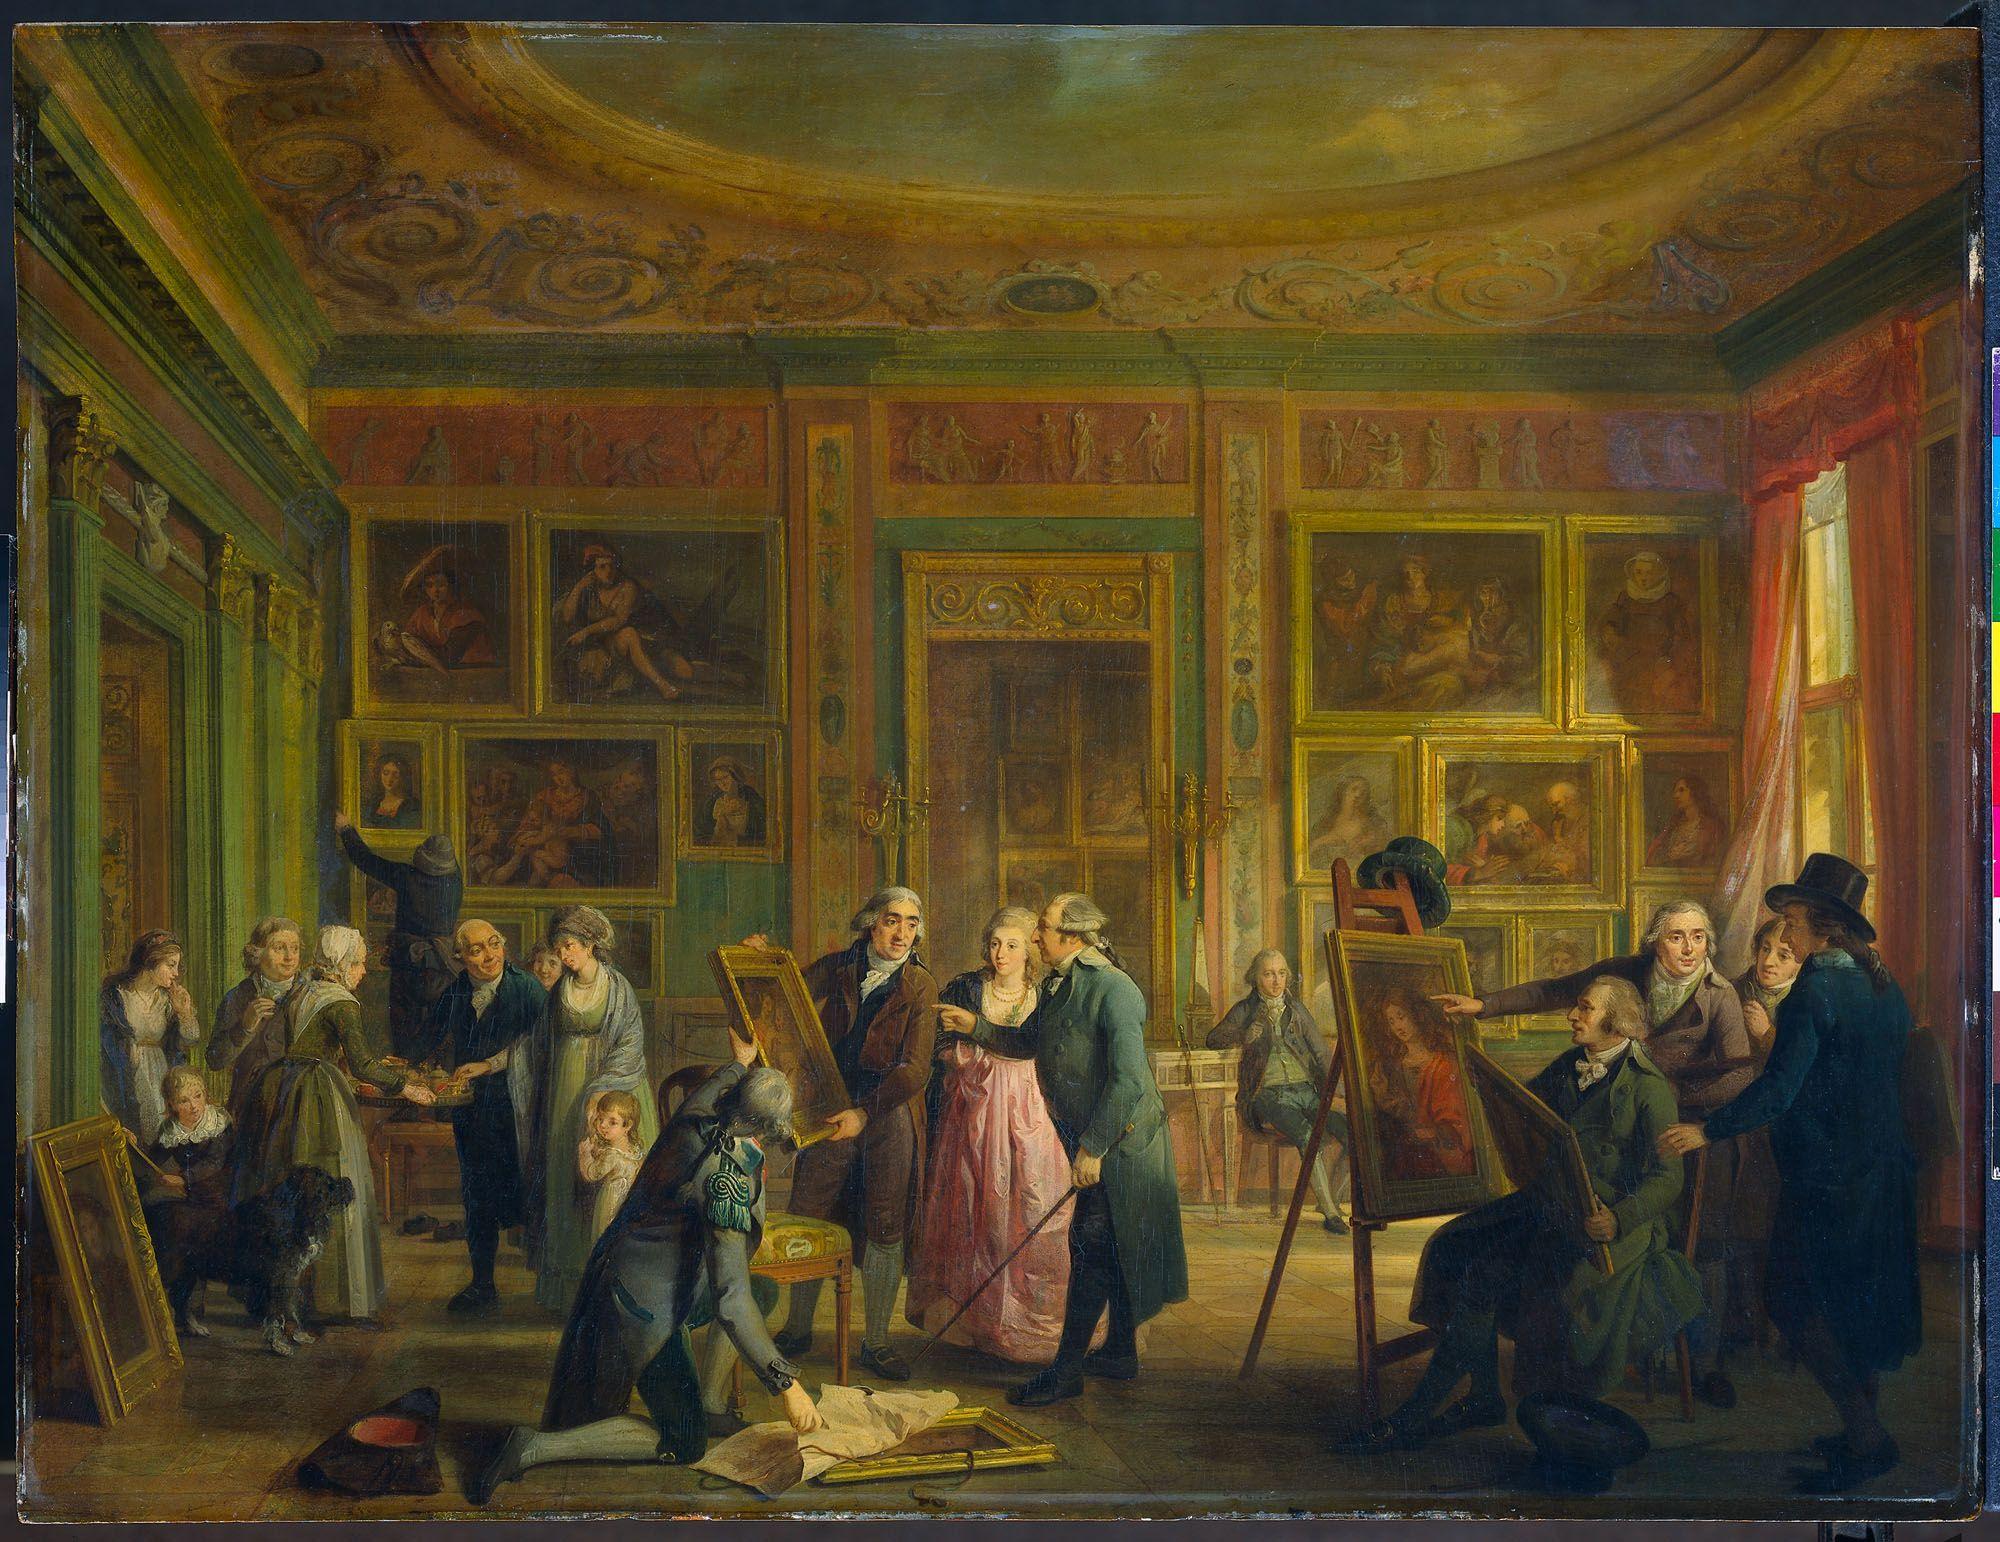 Adriaan de Lelie -  La Galleria d'Arte di Giuseppe Agostino Brentano nella sua casa sul Herengracht, Amsterdam, 1800